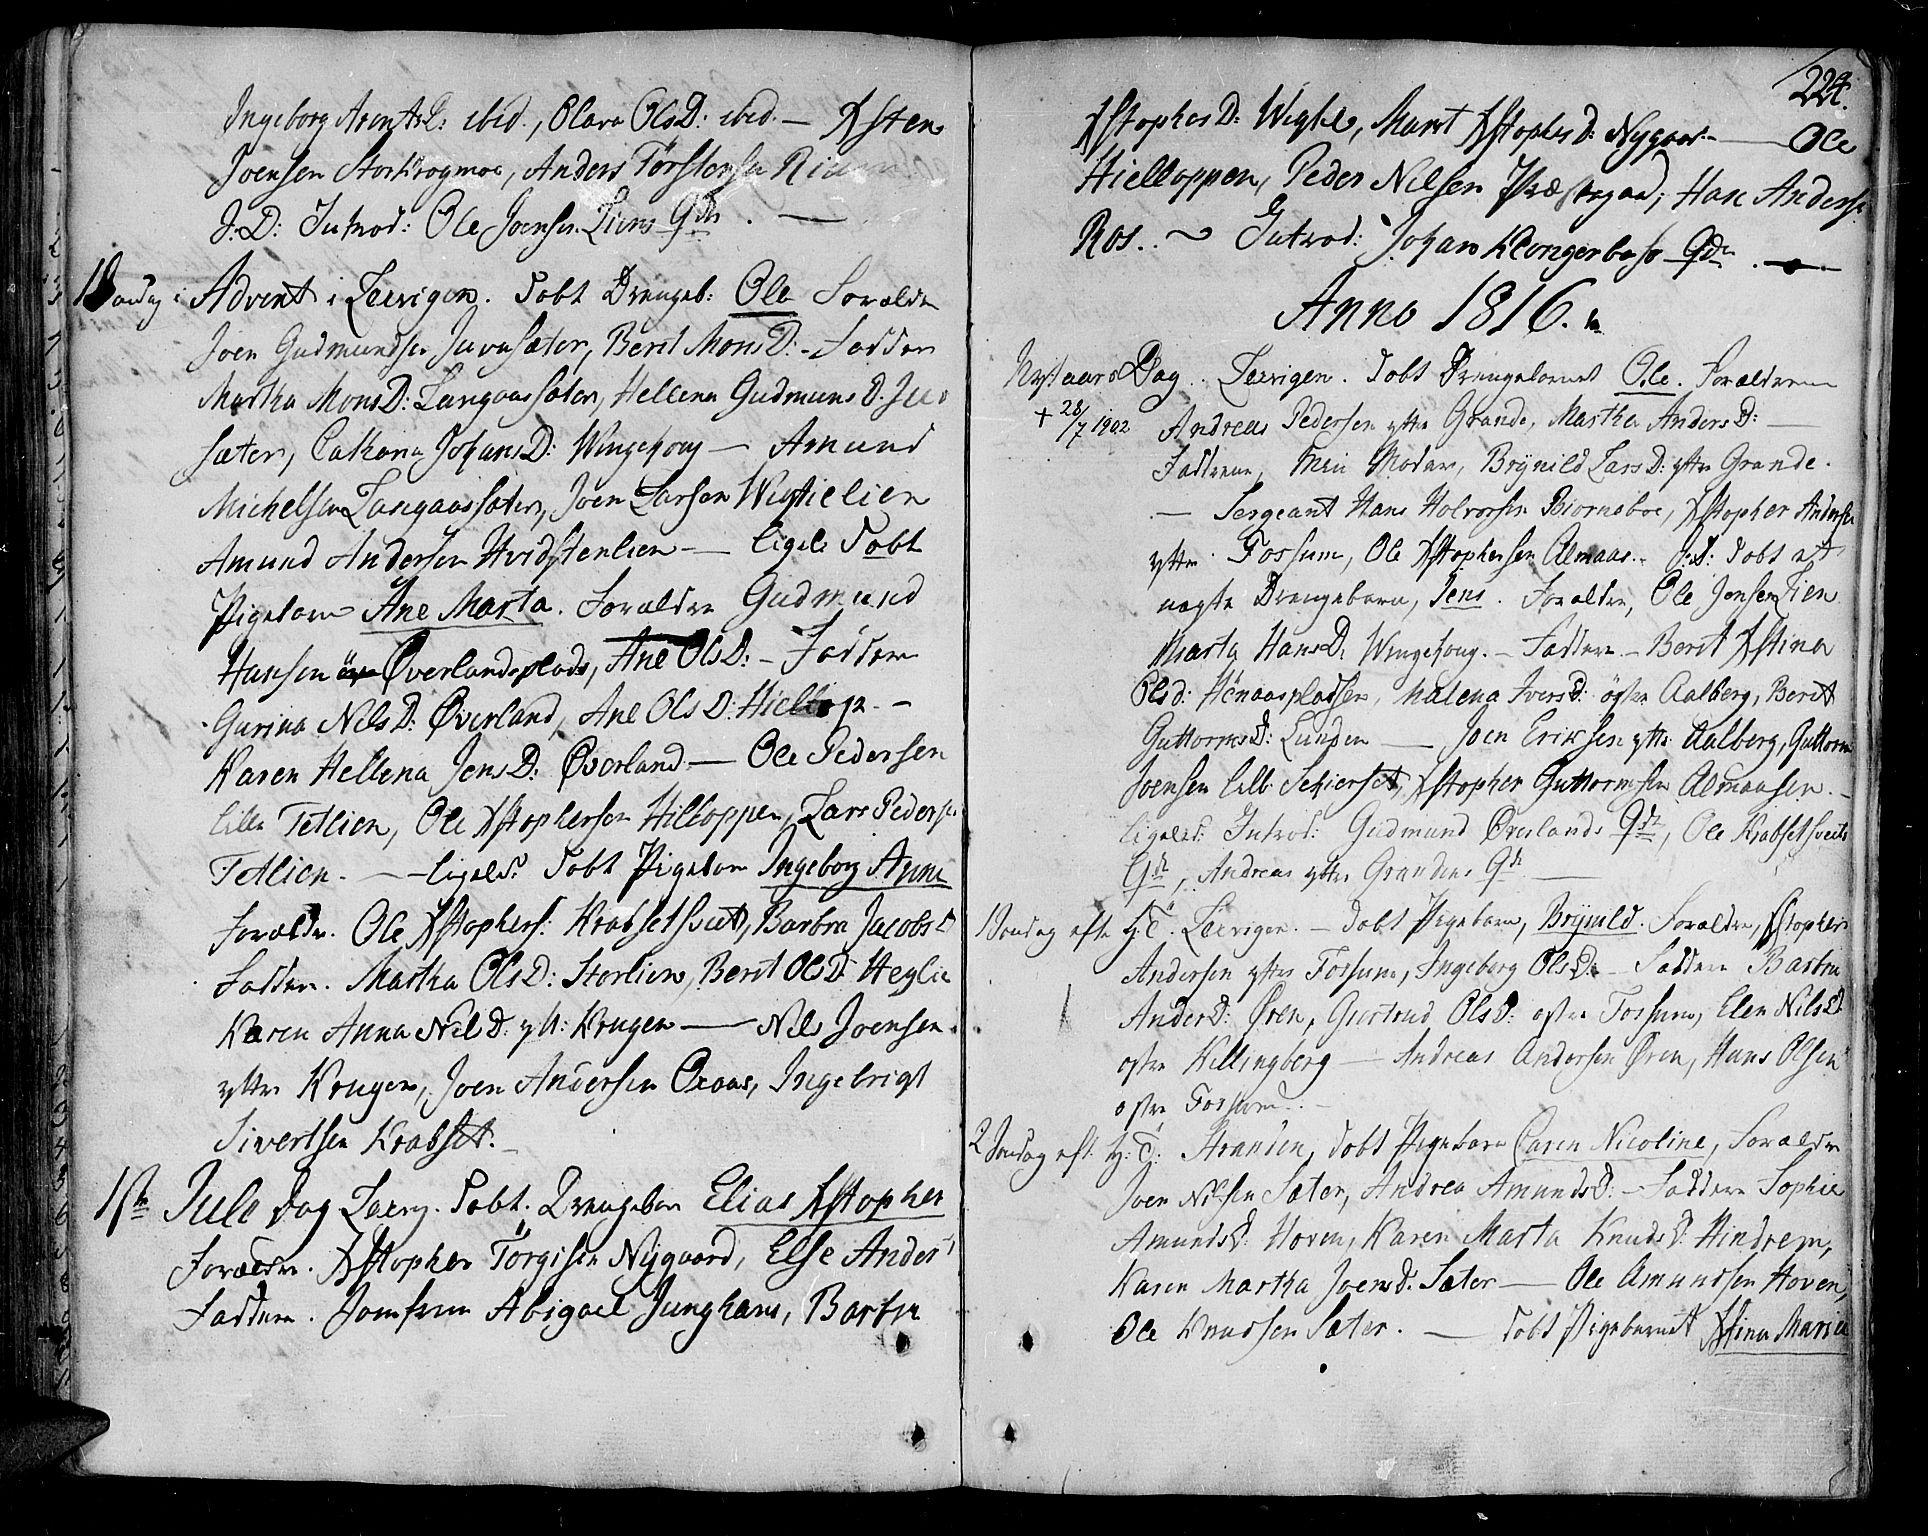 SAT, Ministerialprotokoller, klokkerbøker og fødselsregistre - Nord-Trøndelag, 701/L0004: Ministerialbok nr. 701A04, 1783-1816, s. 224